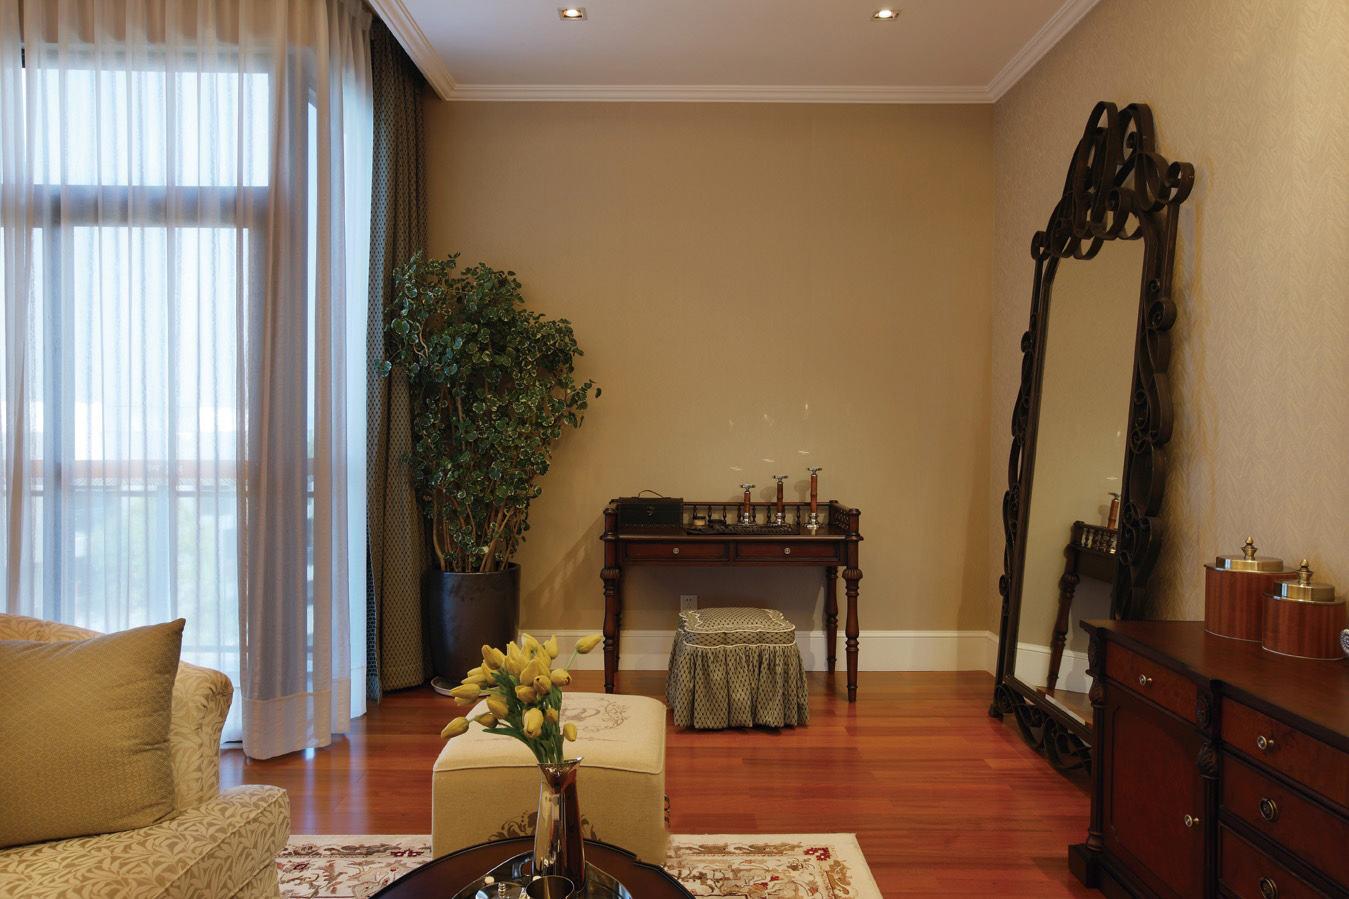 古典美式风格家居室内装饰